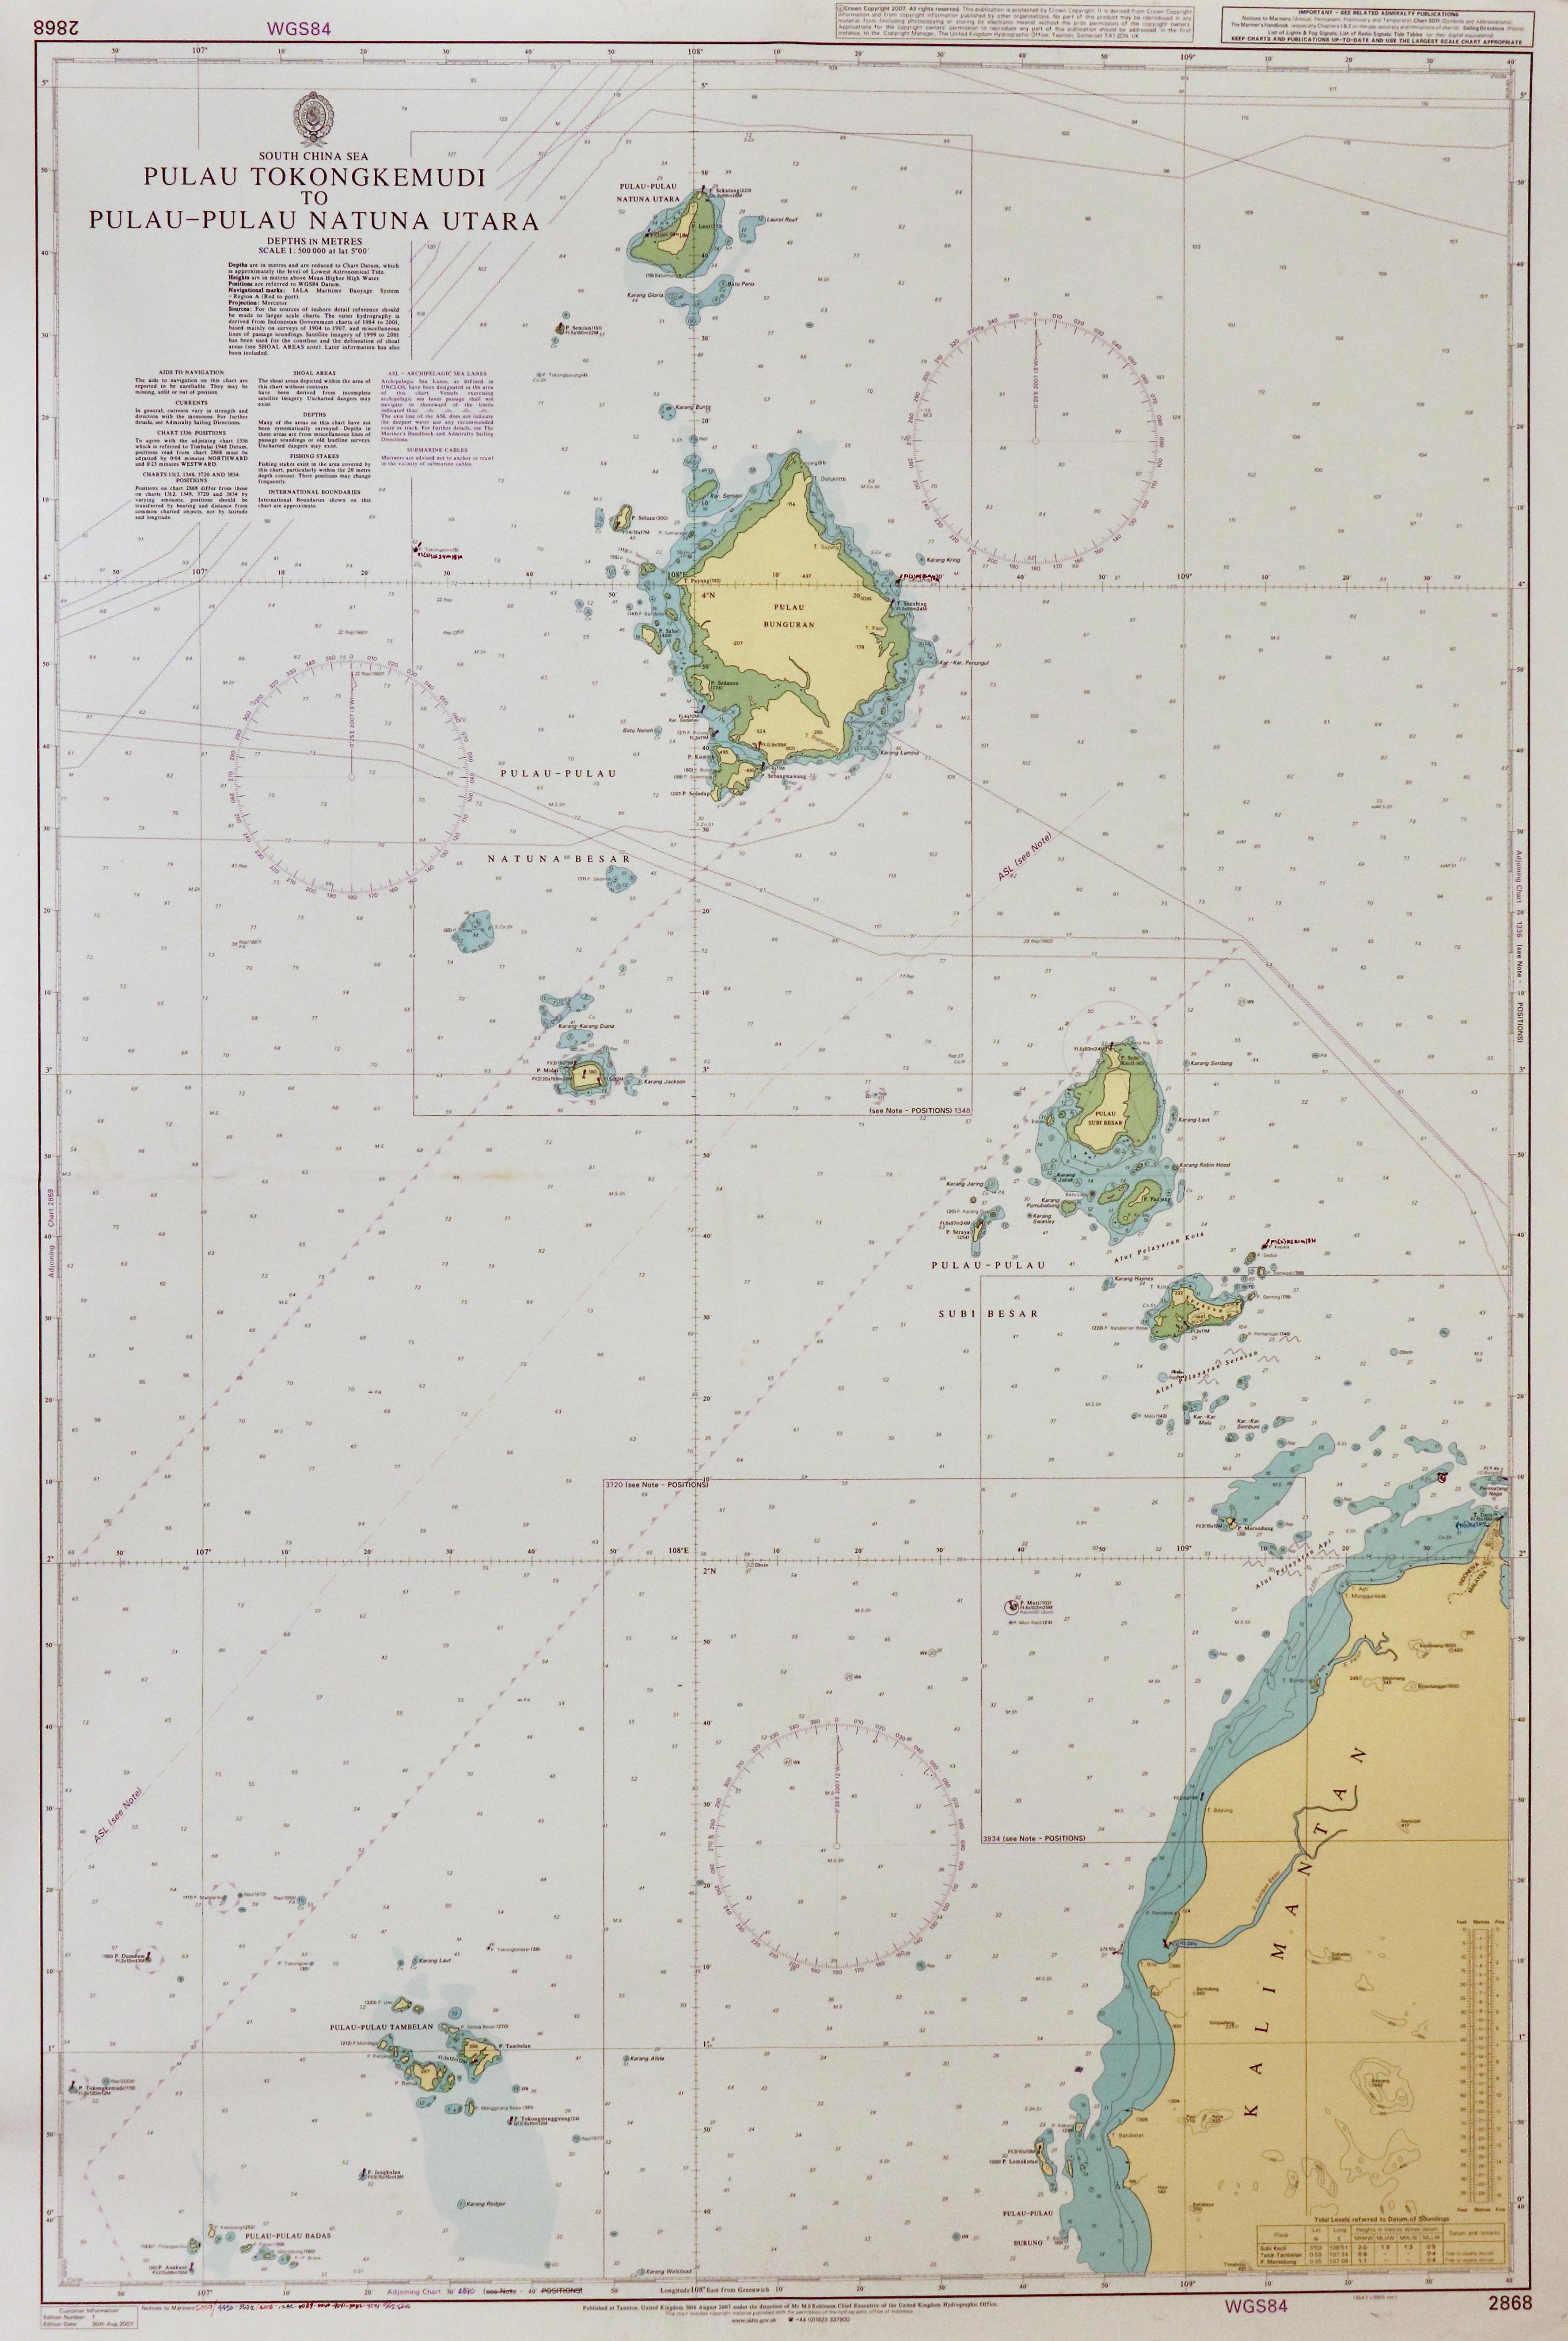 25 - Pulau Tokongkemudi to Pulau Pulau Natuna Utara